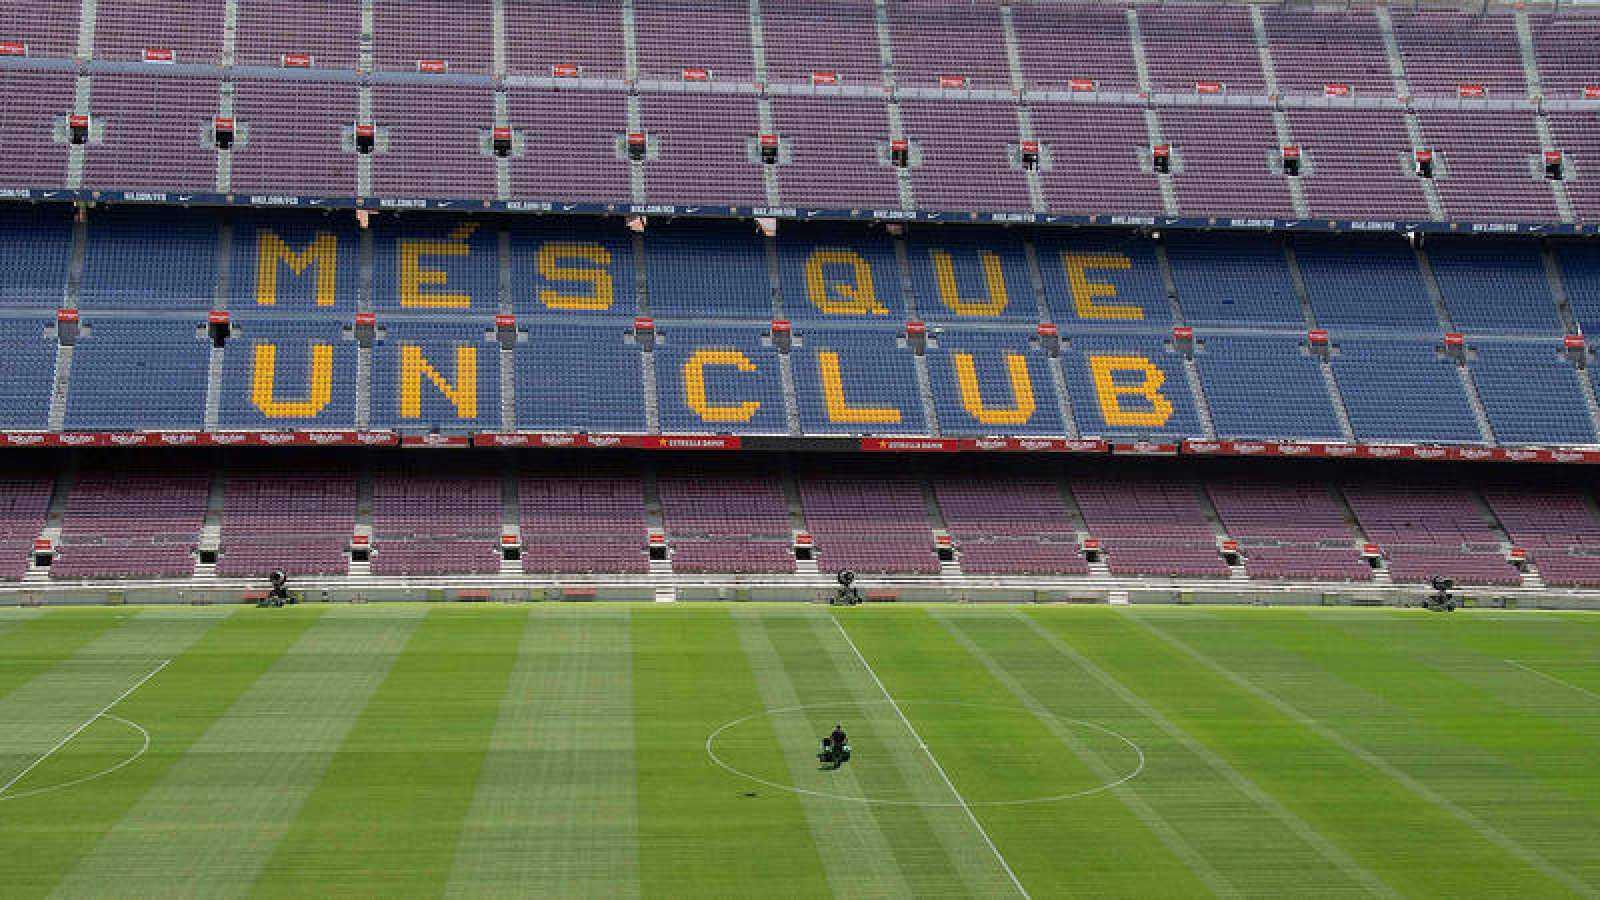 Un Camp Nou sin público acogerá el Barça - Leganés de la jornada.